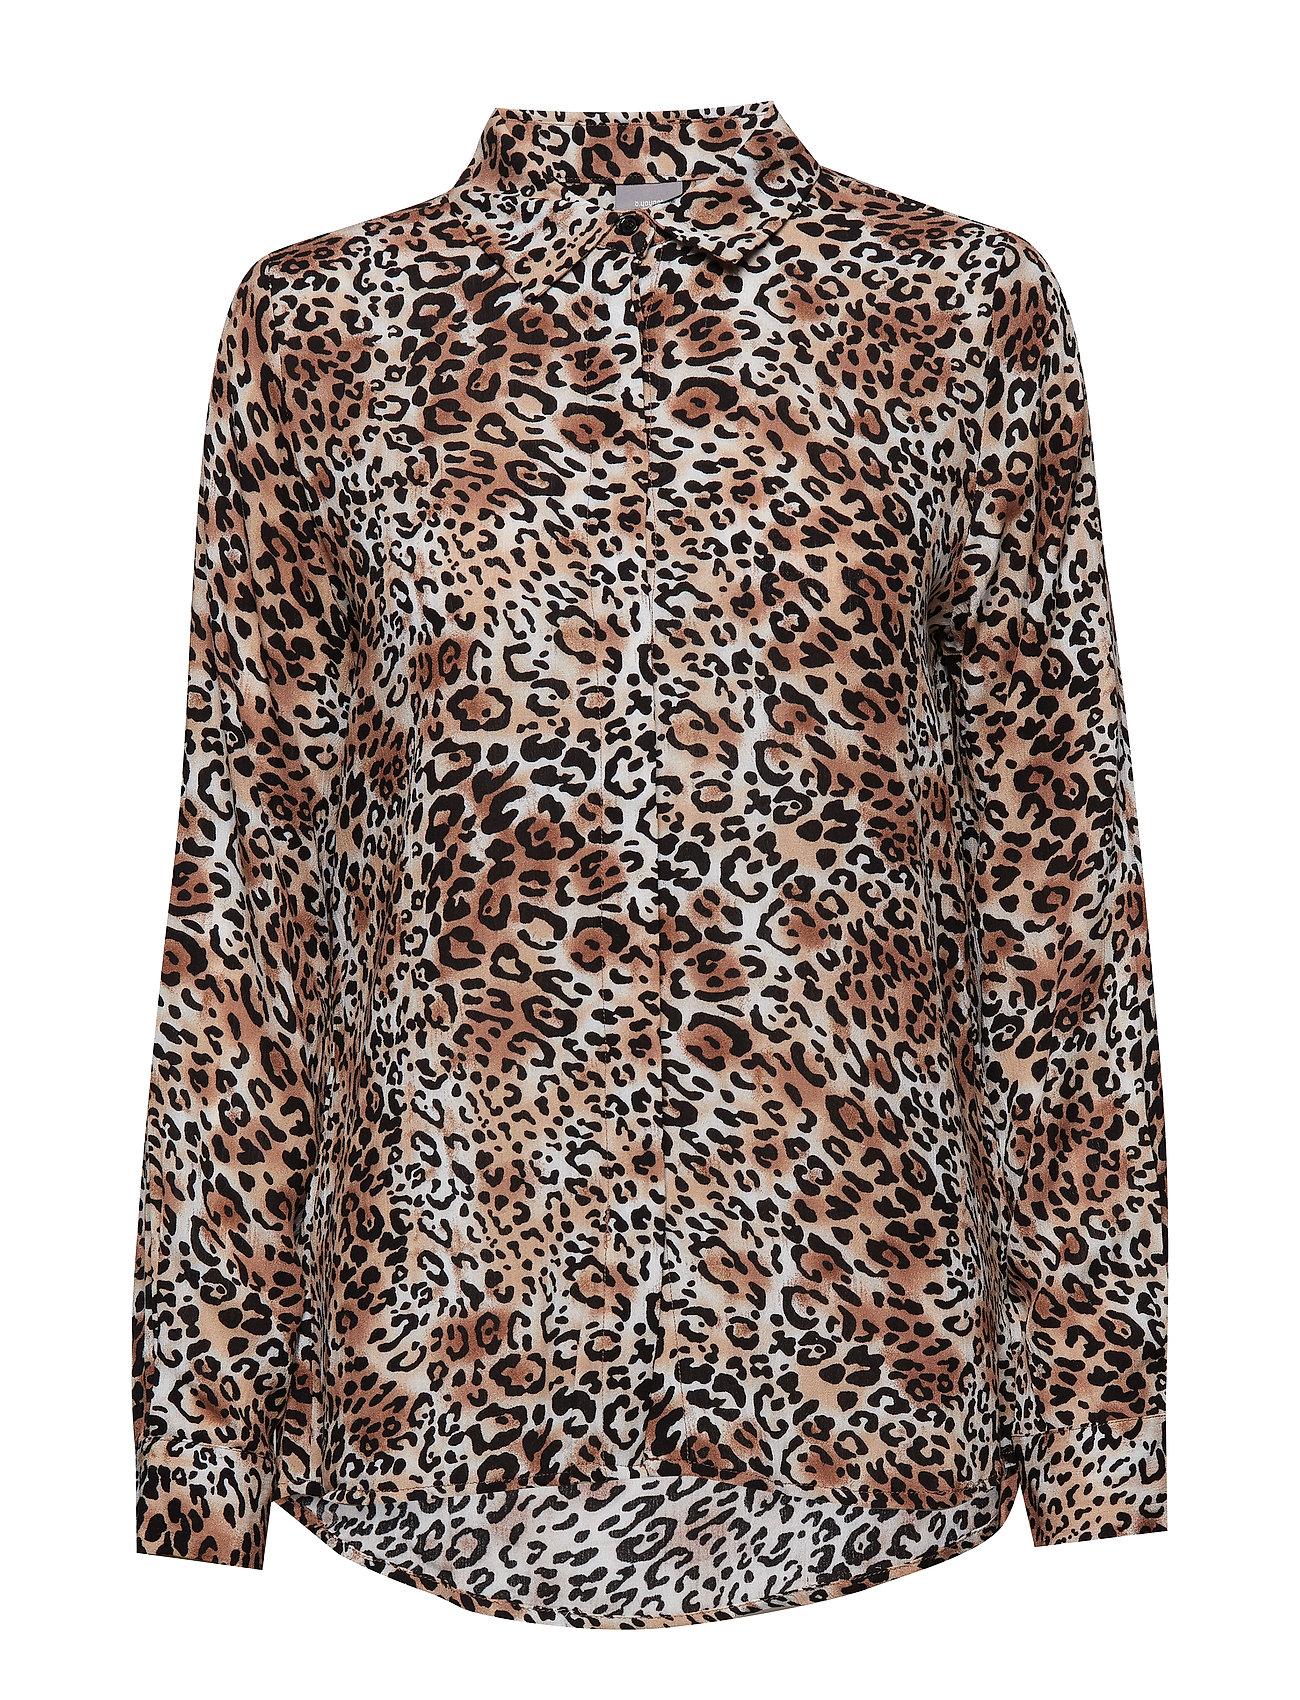 Gigilula 1 B moonlight Leopard young Combi Shirt £50 qwSvqZRg